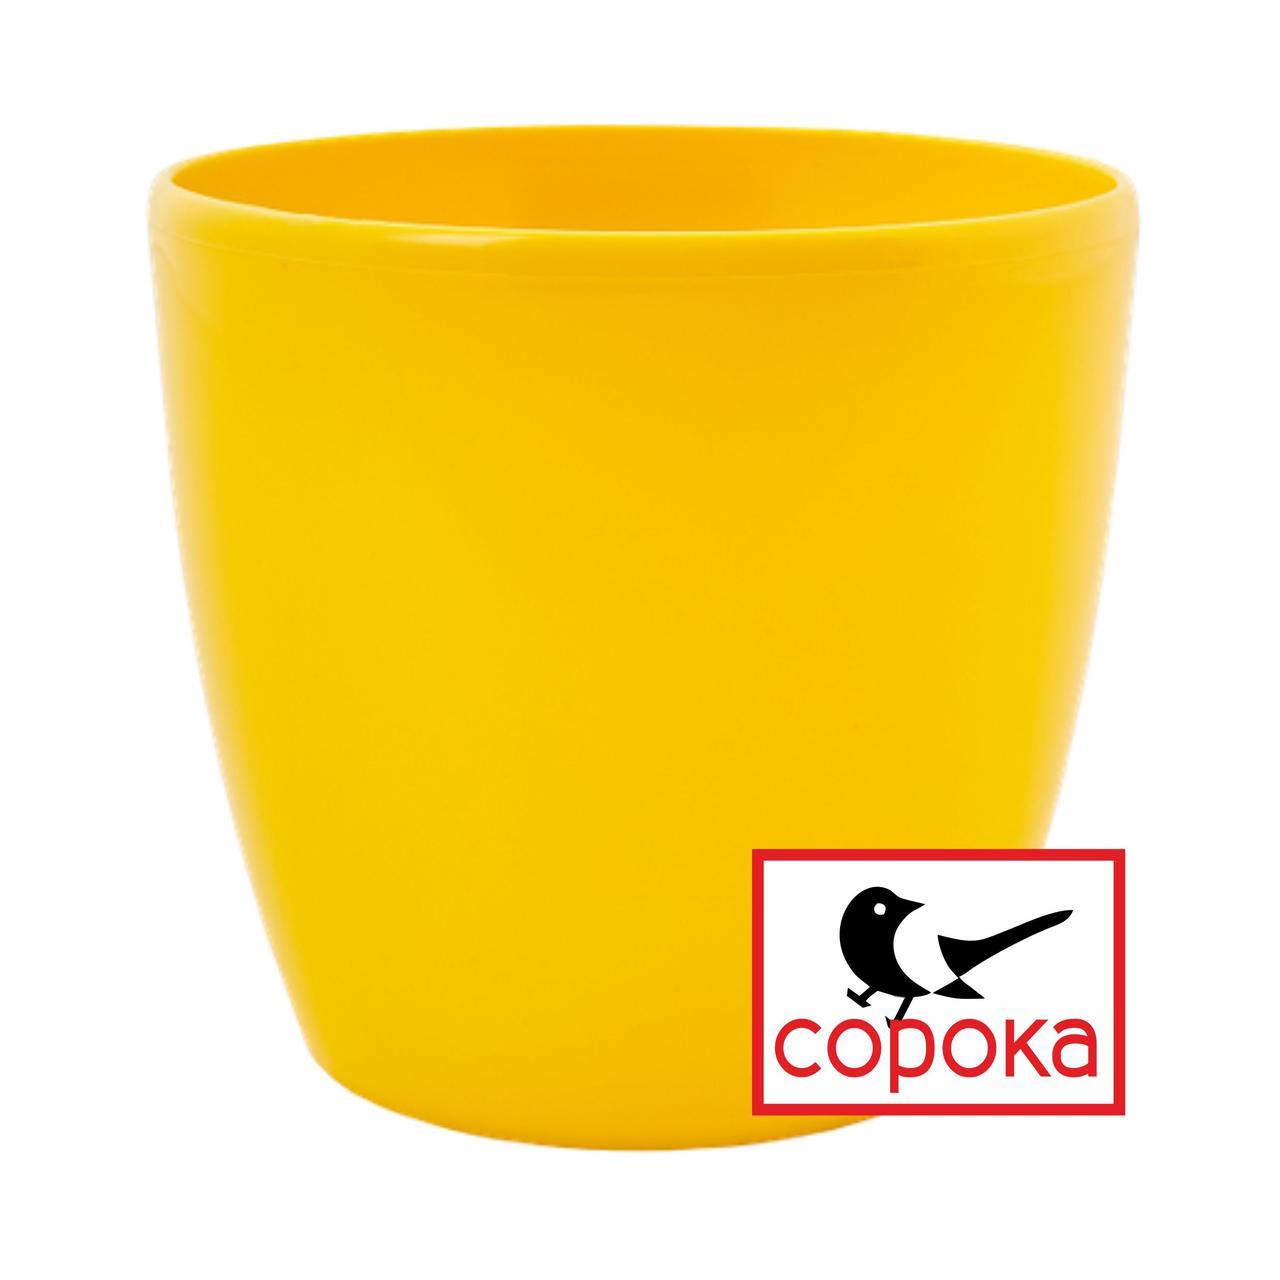 Вазон для цветов Алеана Матильда 12*11см желтый 0,9л (Горшок для цветов пластиковый Алеана Матильда)